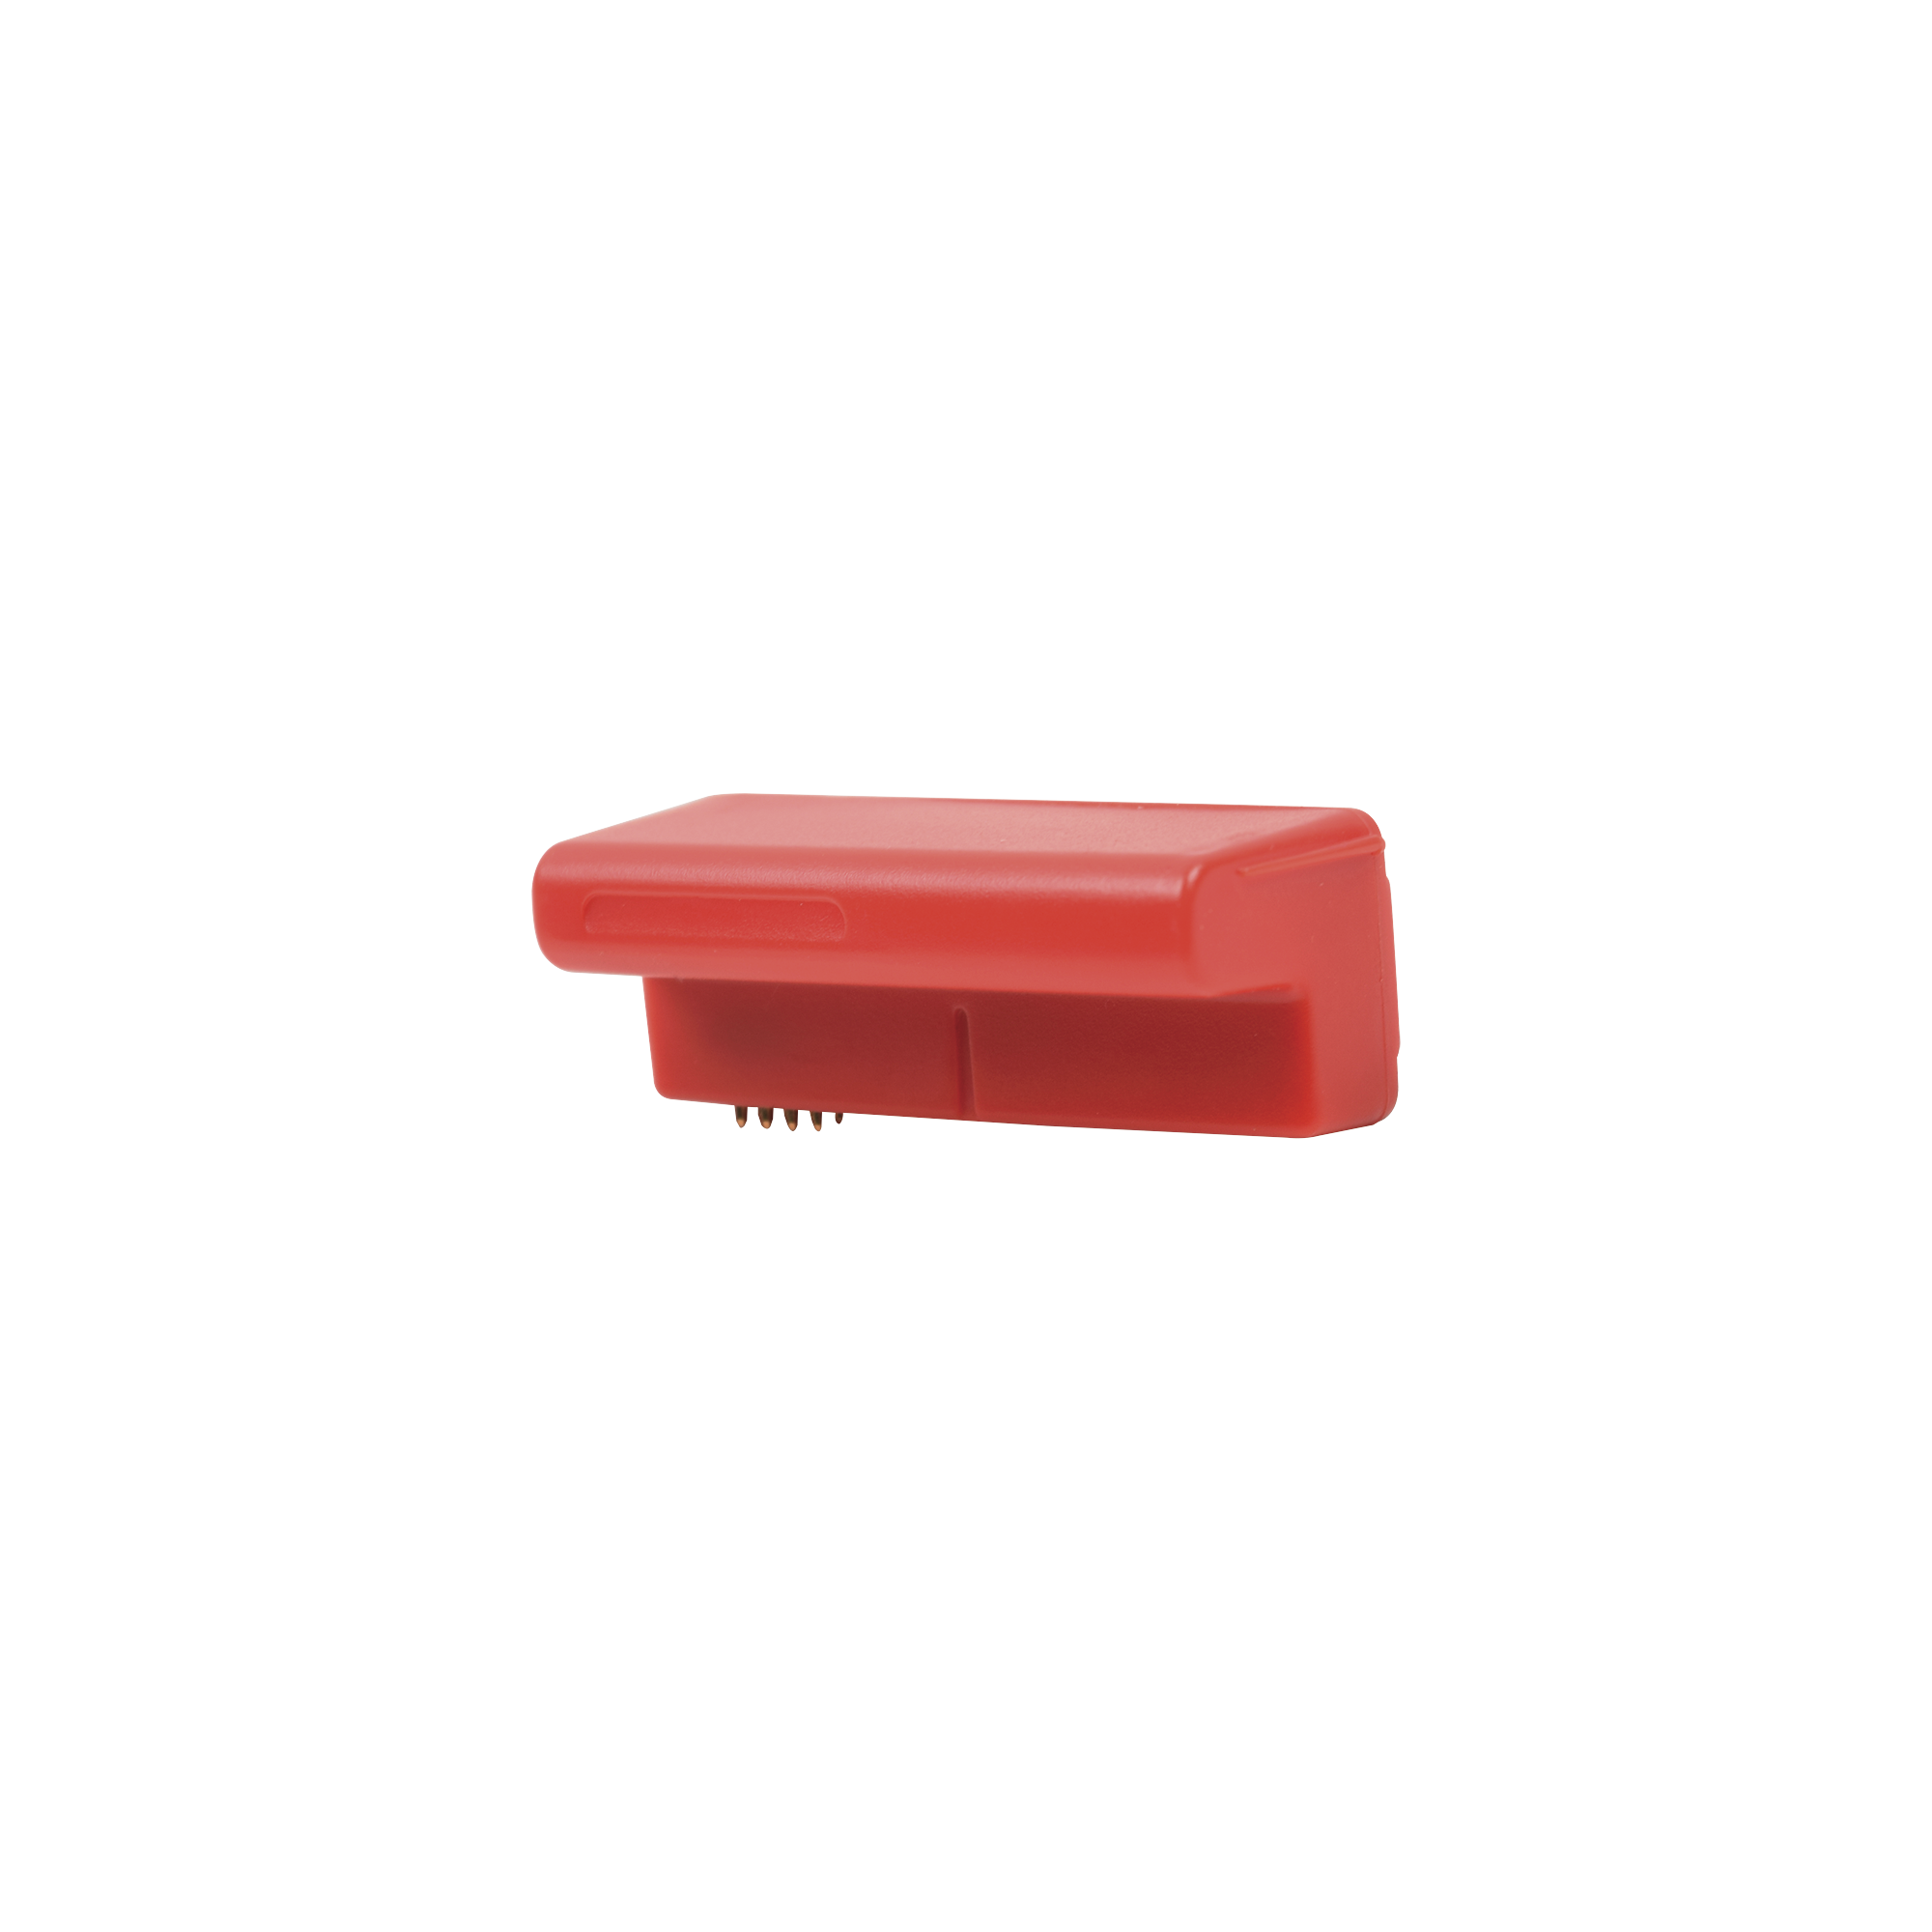 Modulo Smart Connect p/ YDF40, YMF40 / Para Uso con HUB 51020 / para conexion WiFi